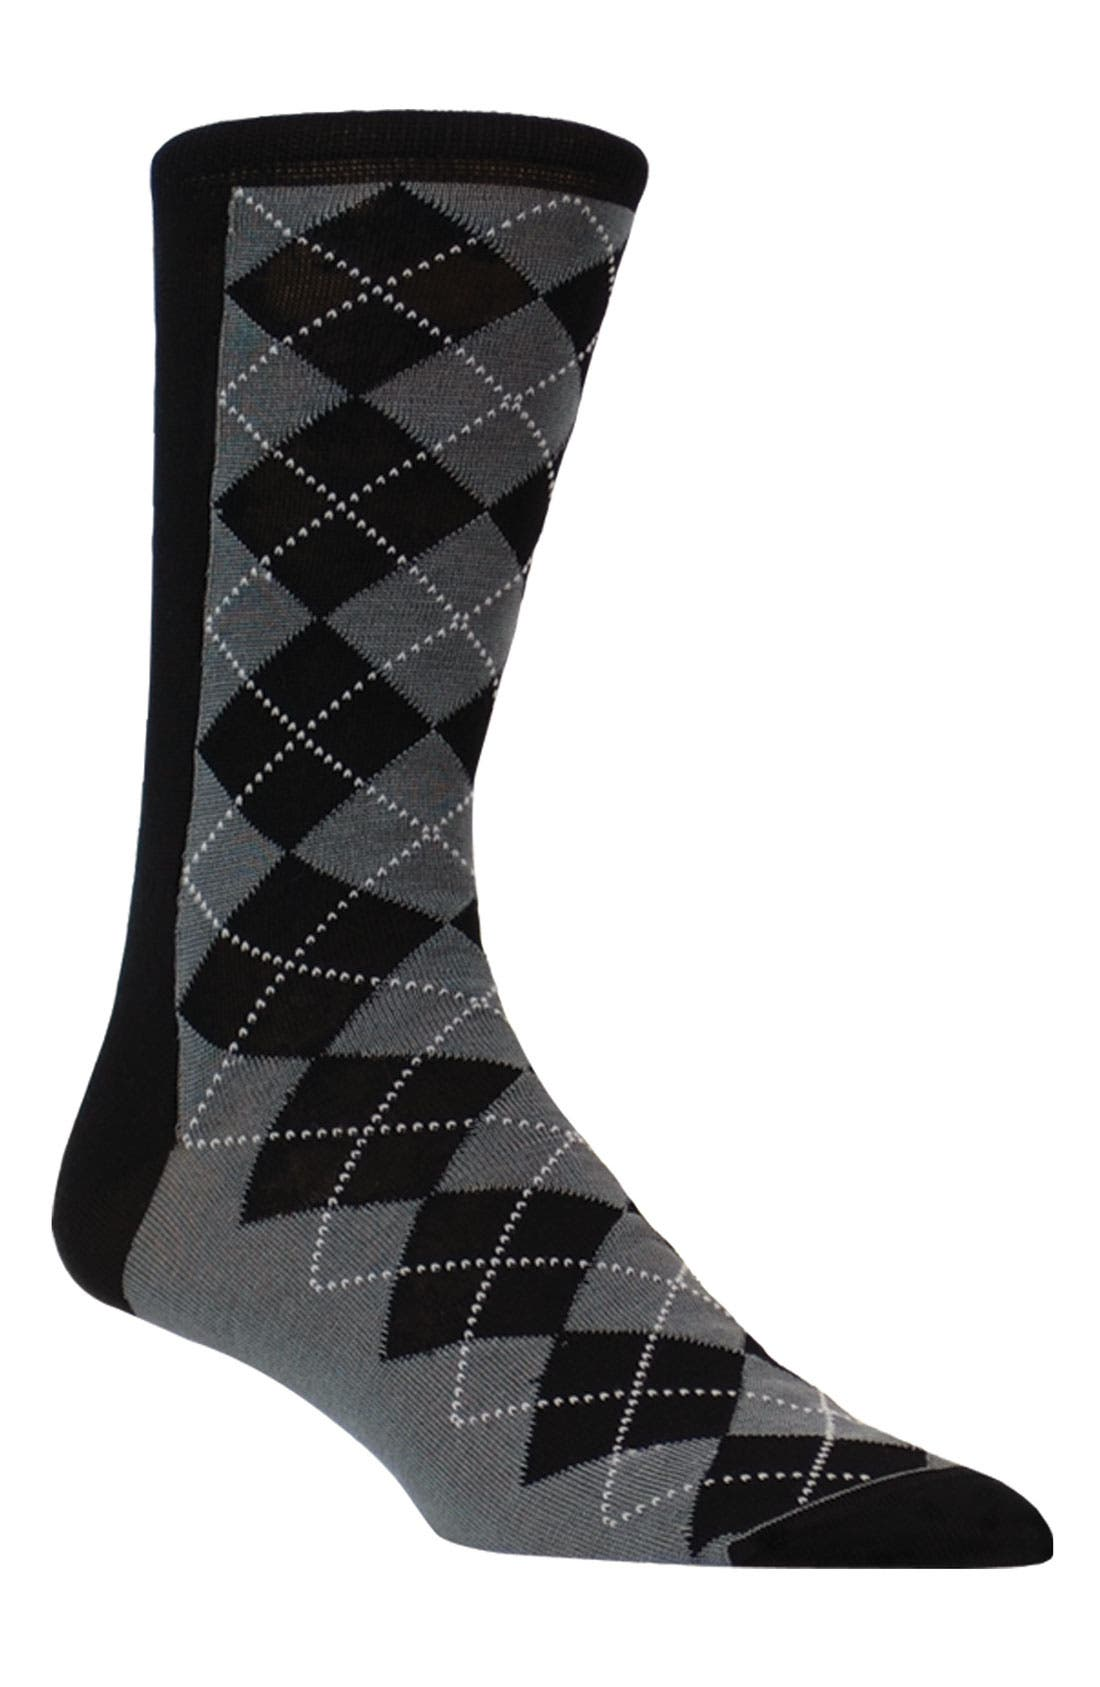 Alternate Image 1 Selected - Bugatchi Uomo Argyle Socks